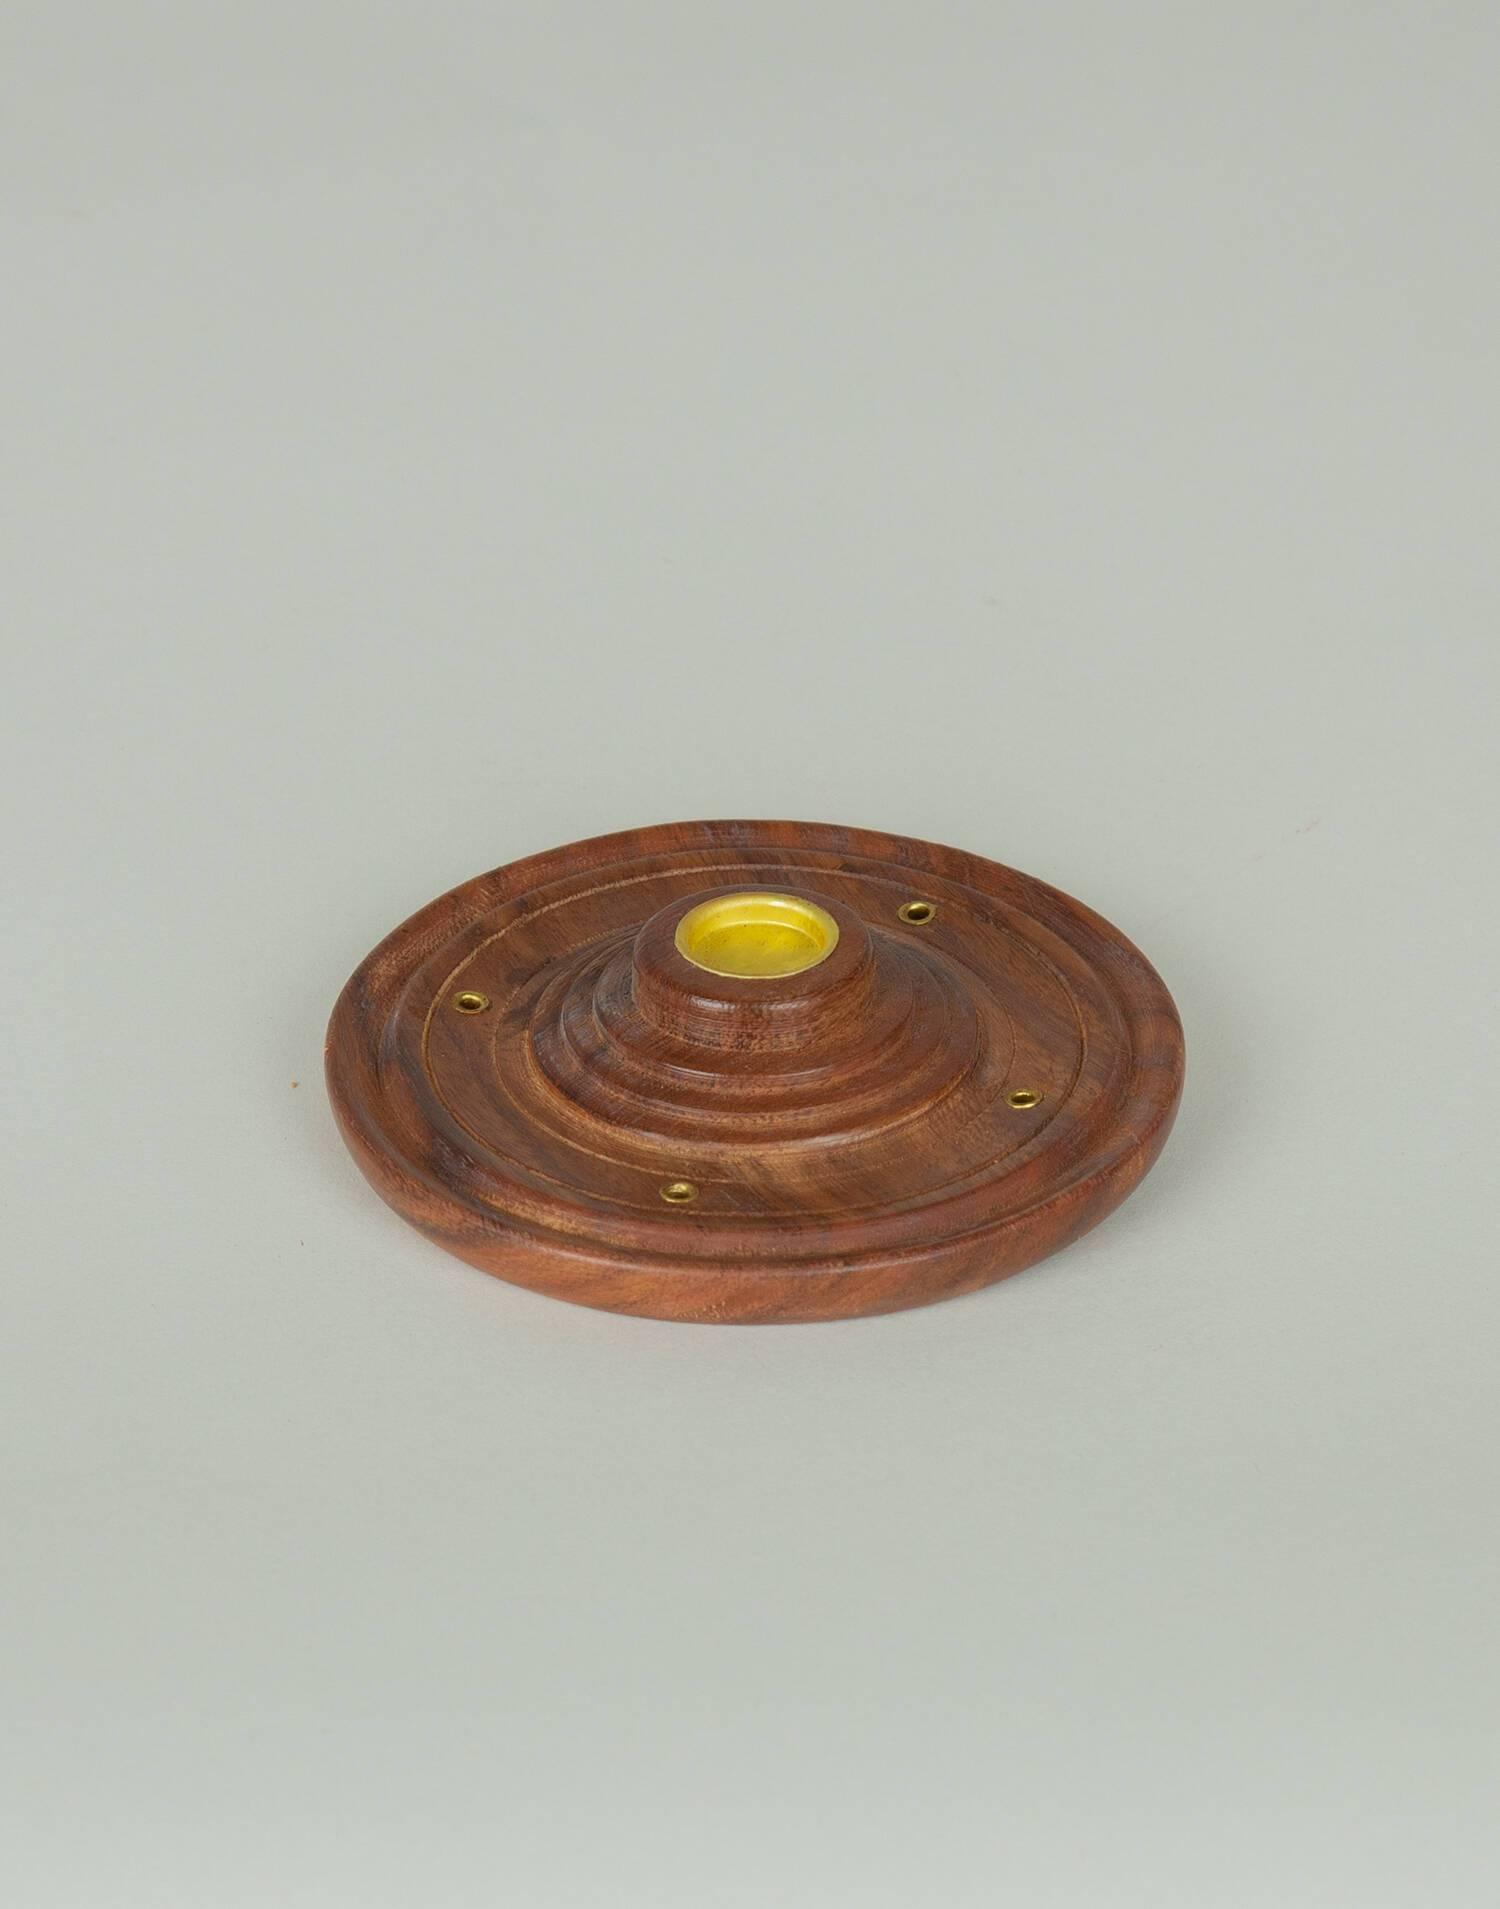 Inciensario madera con plato